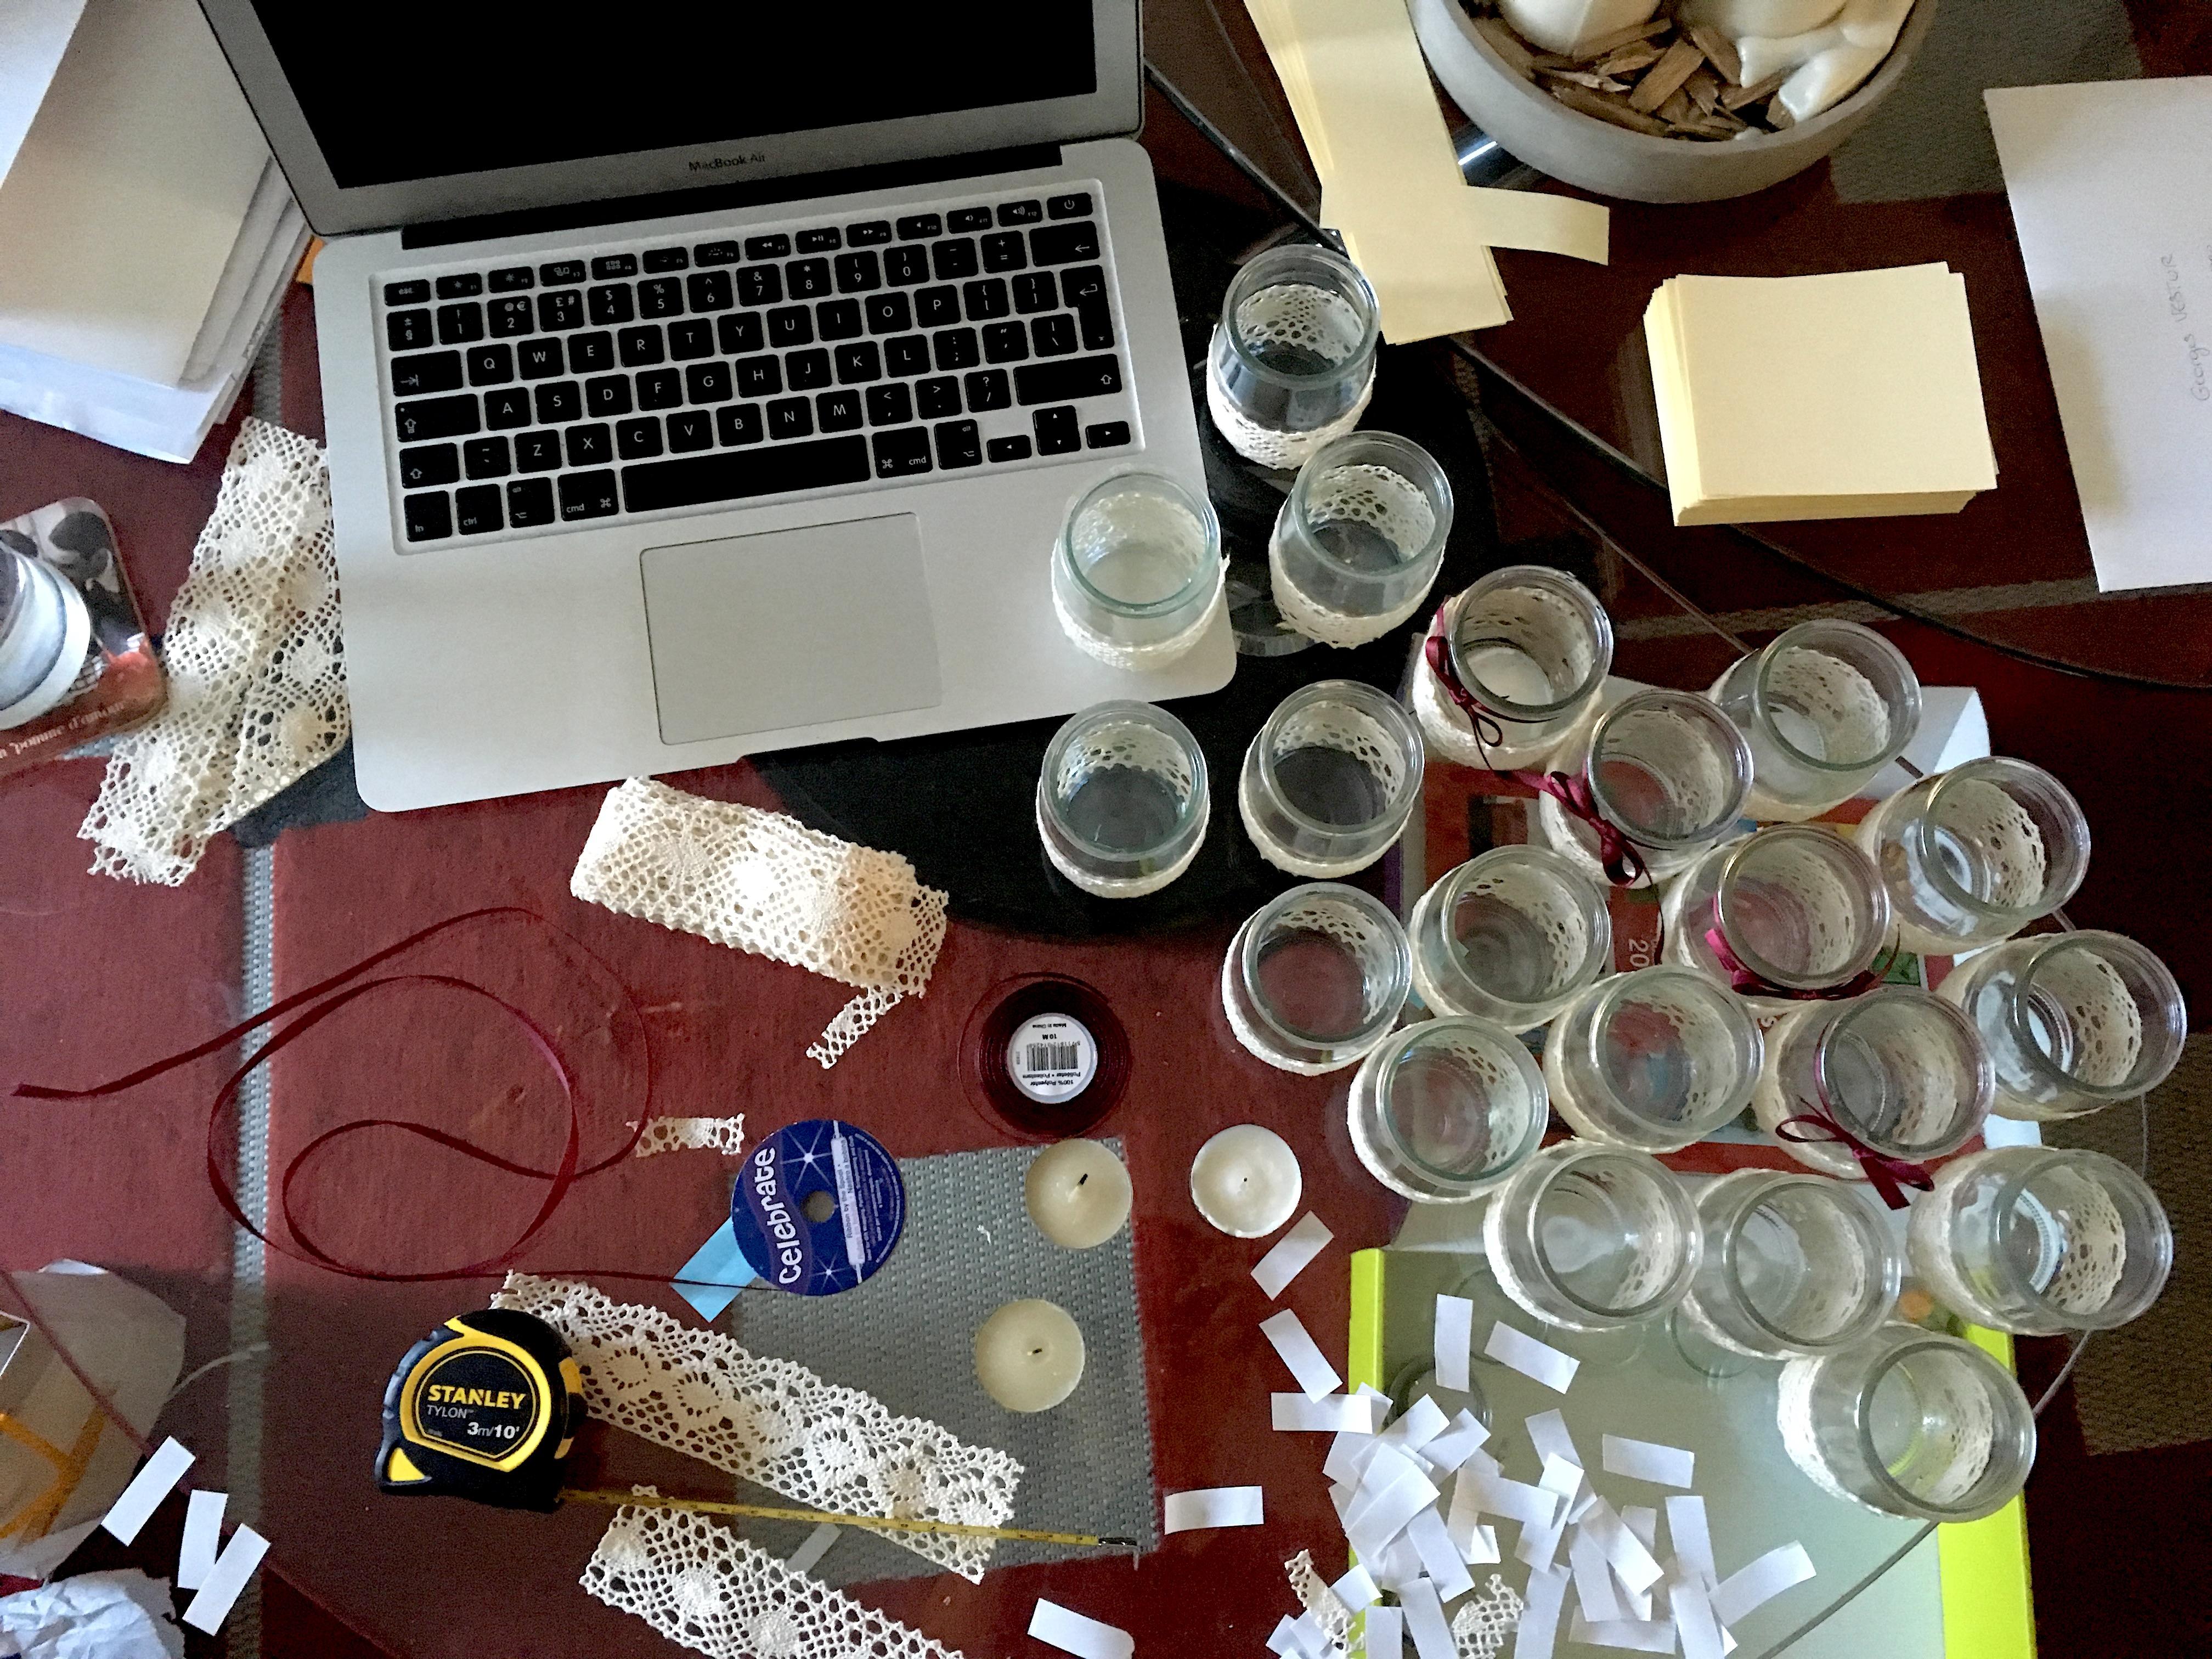 DIY mariage : des photophores (bougies) avec des yaourts en verre